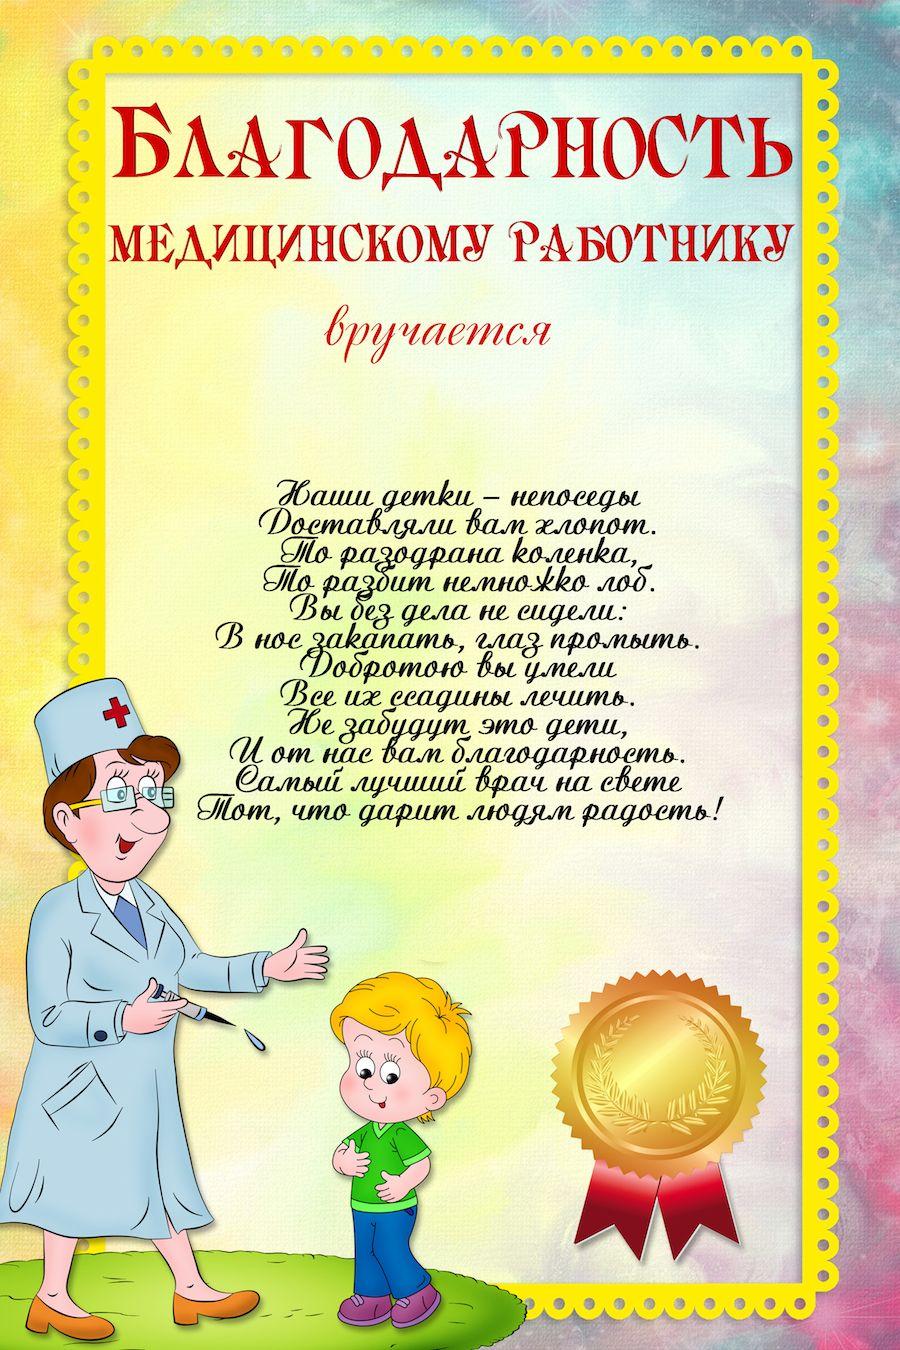 Скачать шаблон благодарности для детей